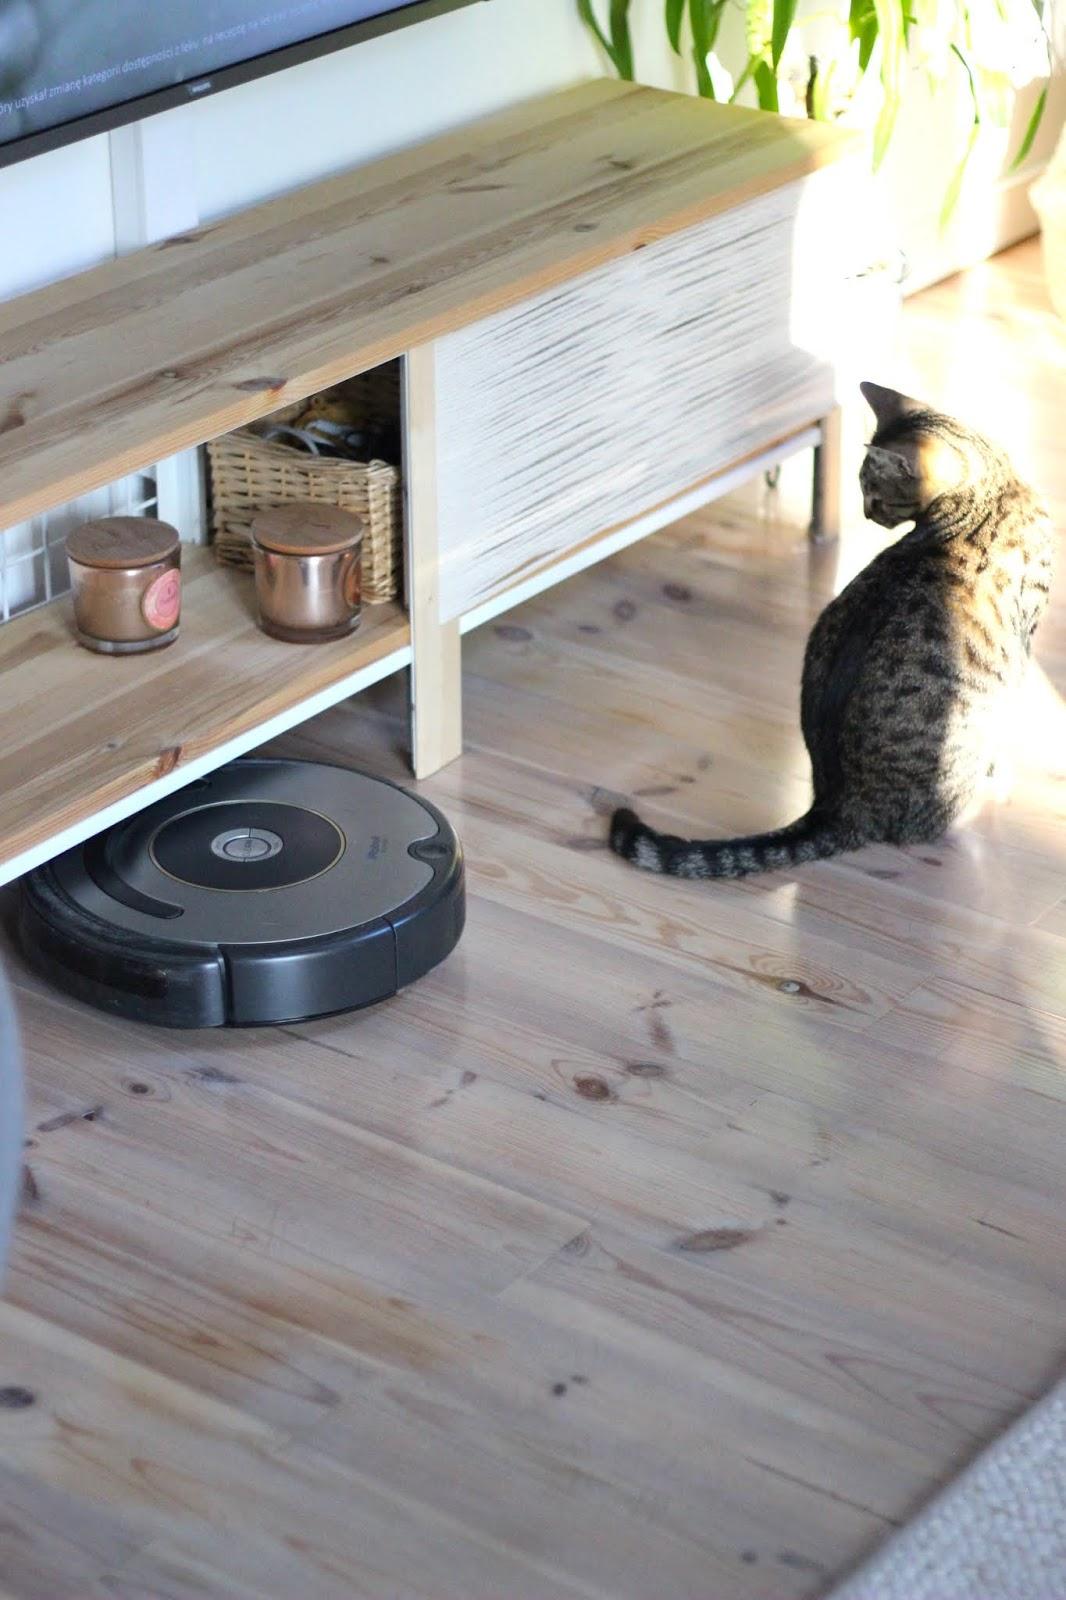 Stawiam na dobry sprzęt, czyli kilka słów o iRobot Roomba